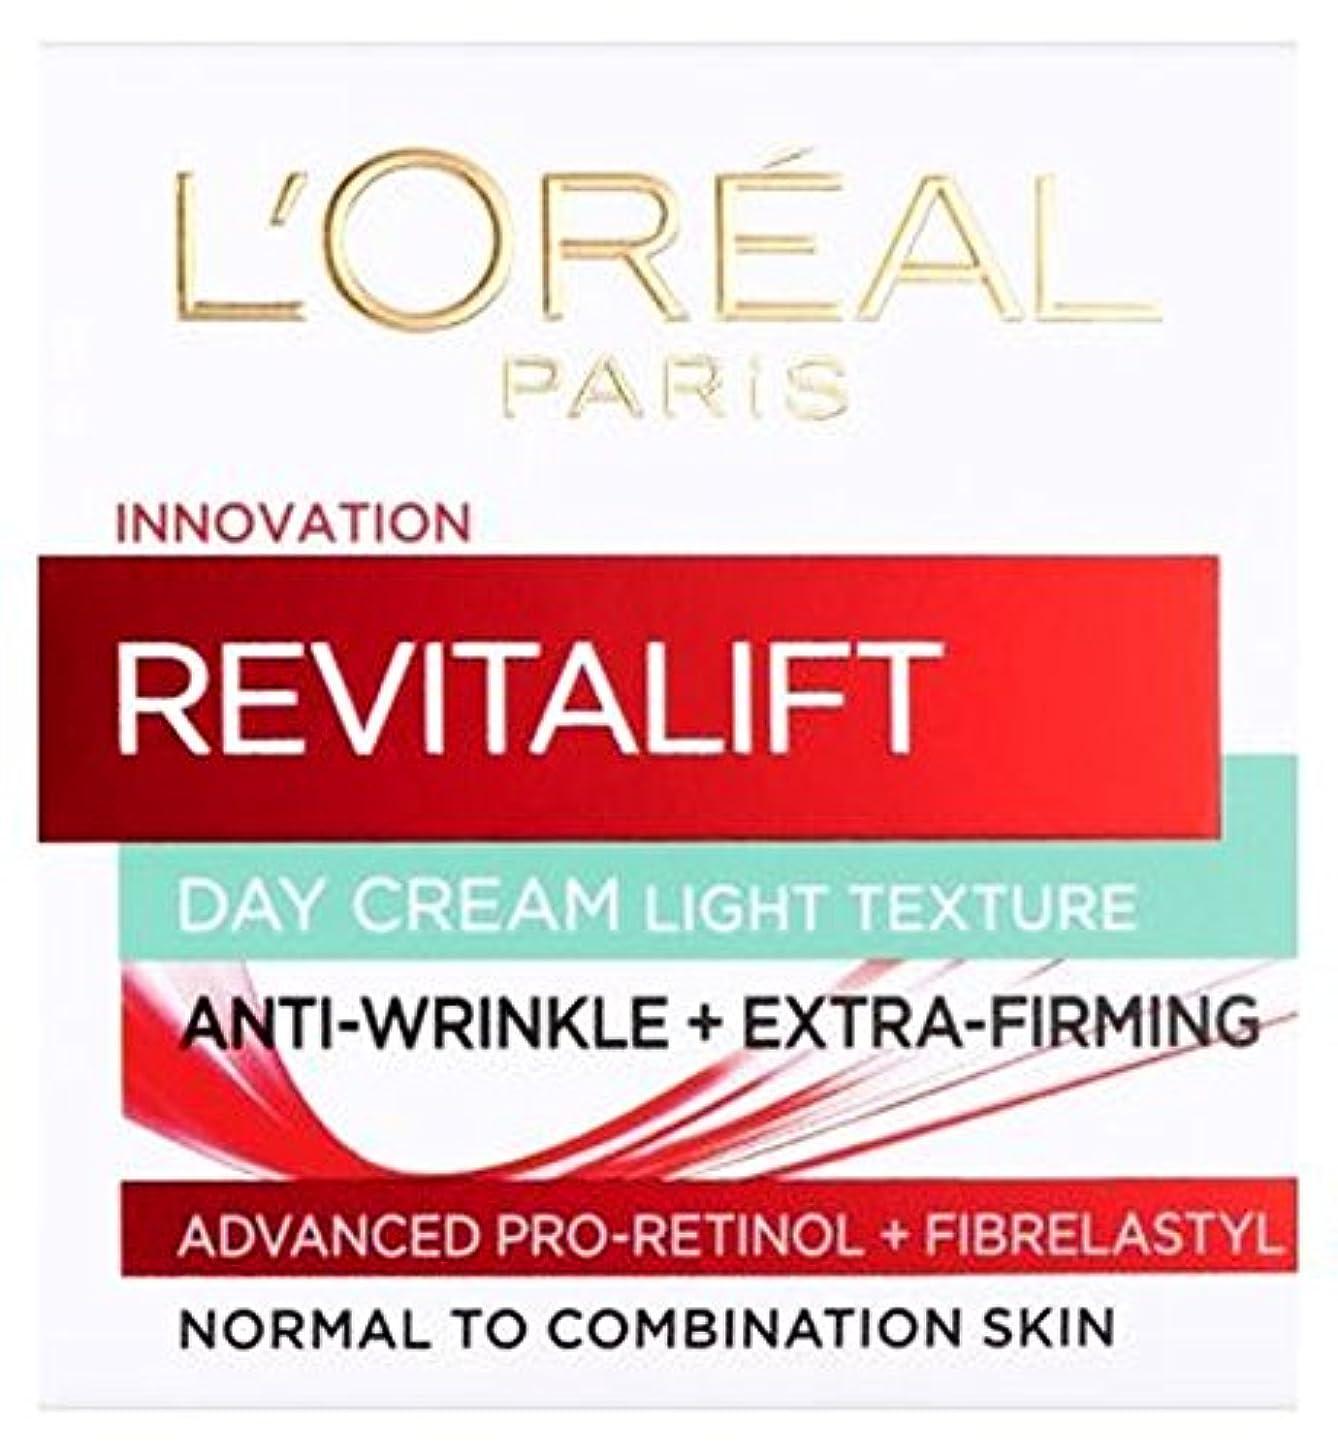 童謡としてターミナルL'Oreall Paris Revitalift Day Cream Light Texture Anti-Wrinkle + Extra Firming 50ml - L'OreallパリRevitalift日クリーム光テクスチャ抗しわ+エクストラファーミングクリーム50Ml (L'Oreal) [並行輸入品]